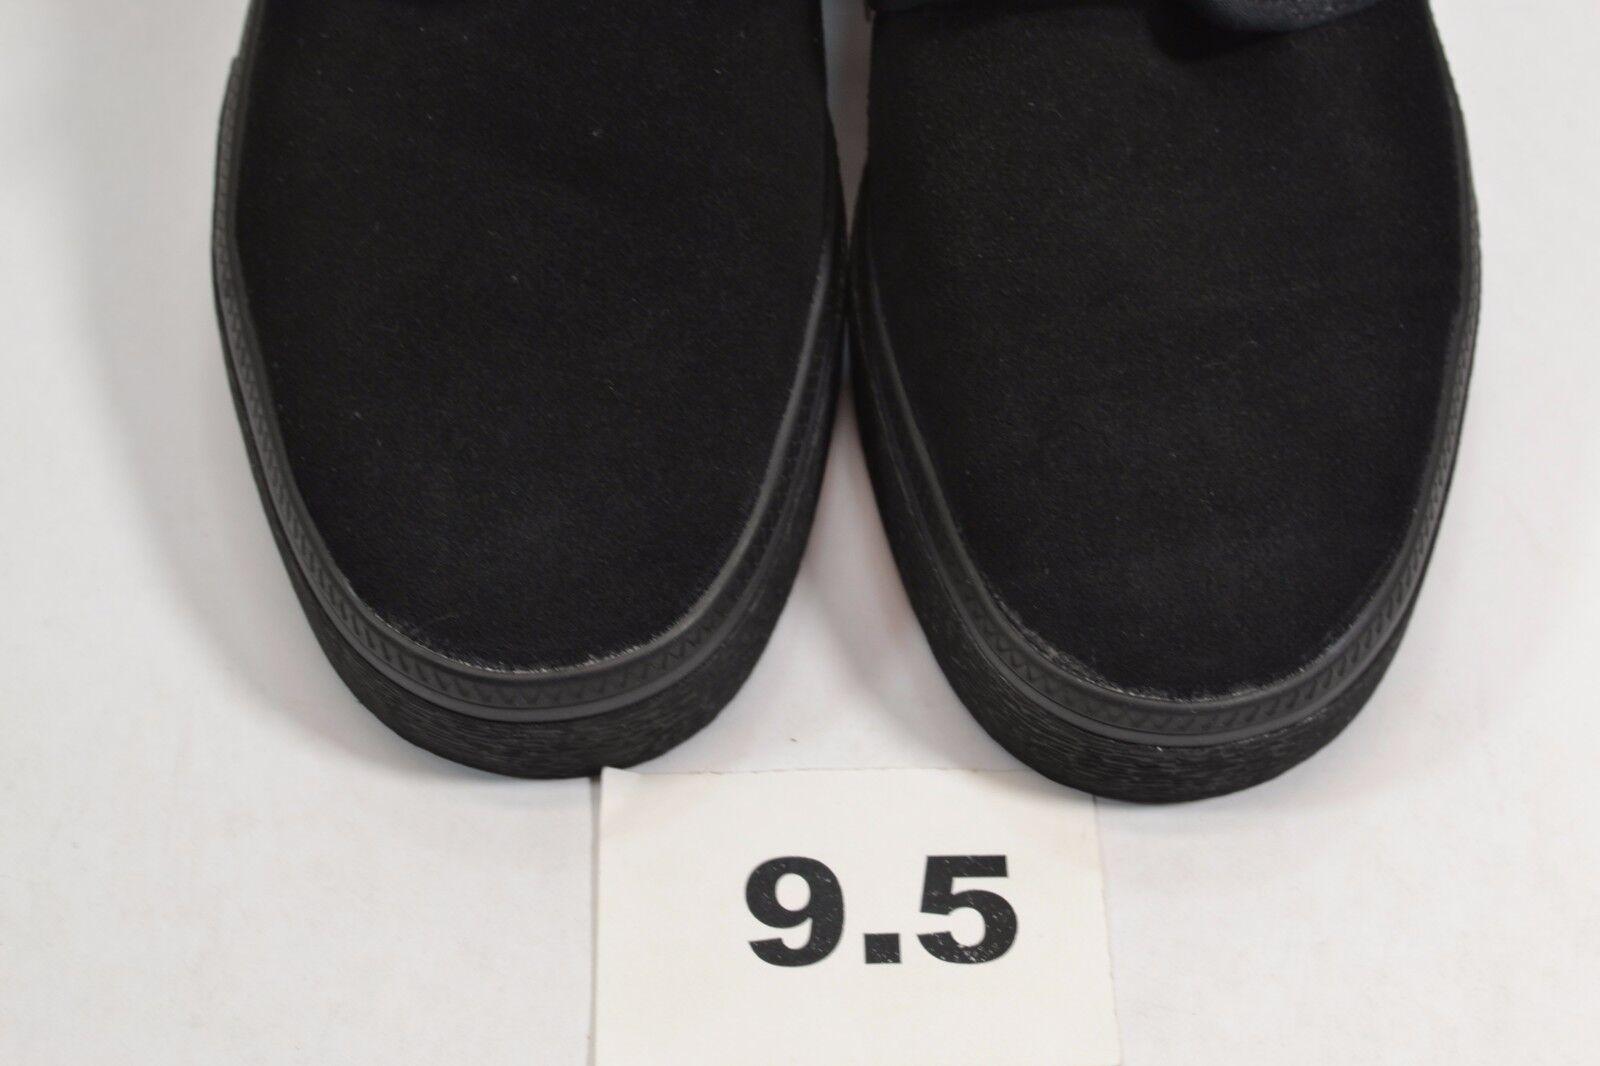 Adidas seeley avanzata avanzata avanzata nero con scarpe casual) (317), scarpe da uomo | Servizio durevole  | Uomo/Donna Scarpa  8089f9